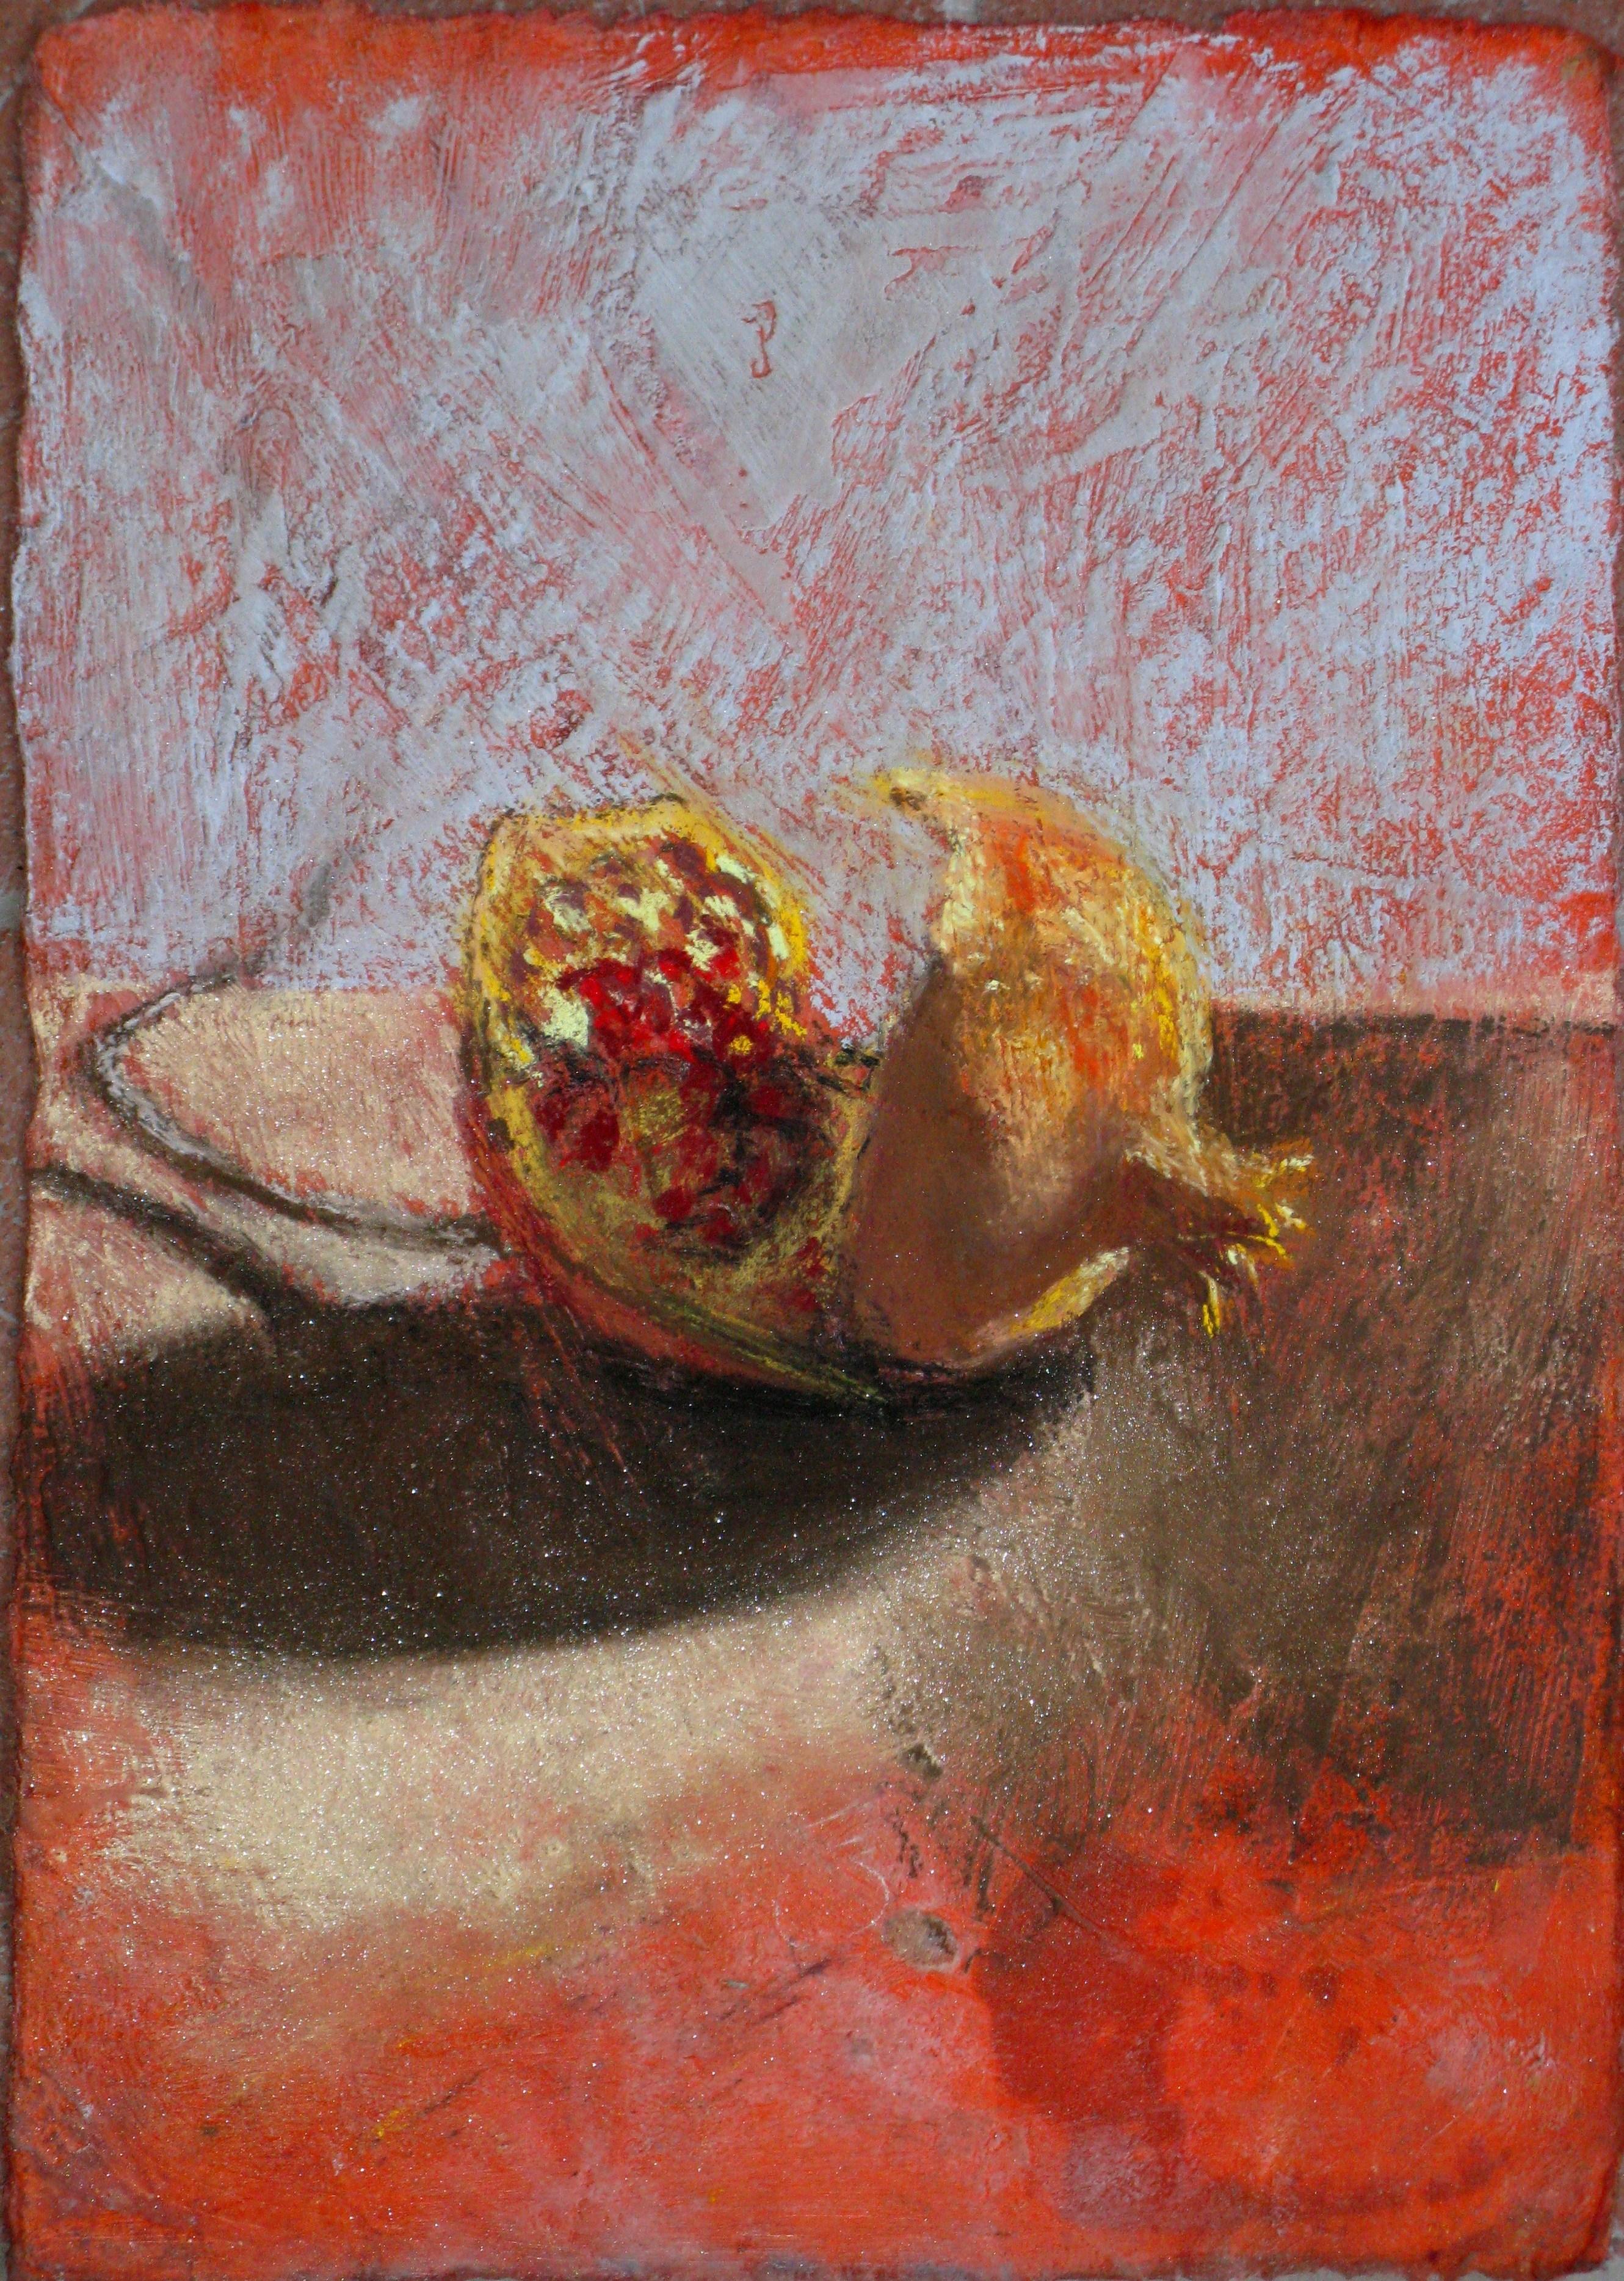 B 19) Melograno di dicembre, 2011, pastello su carta preparata a cera, 28,5x20